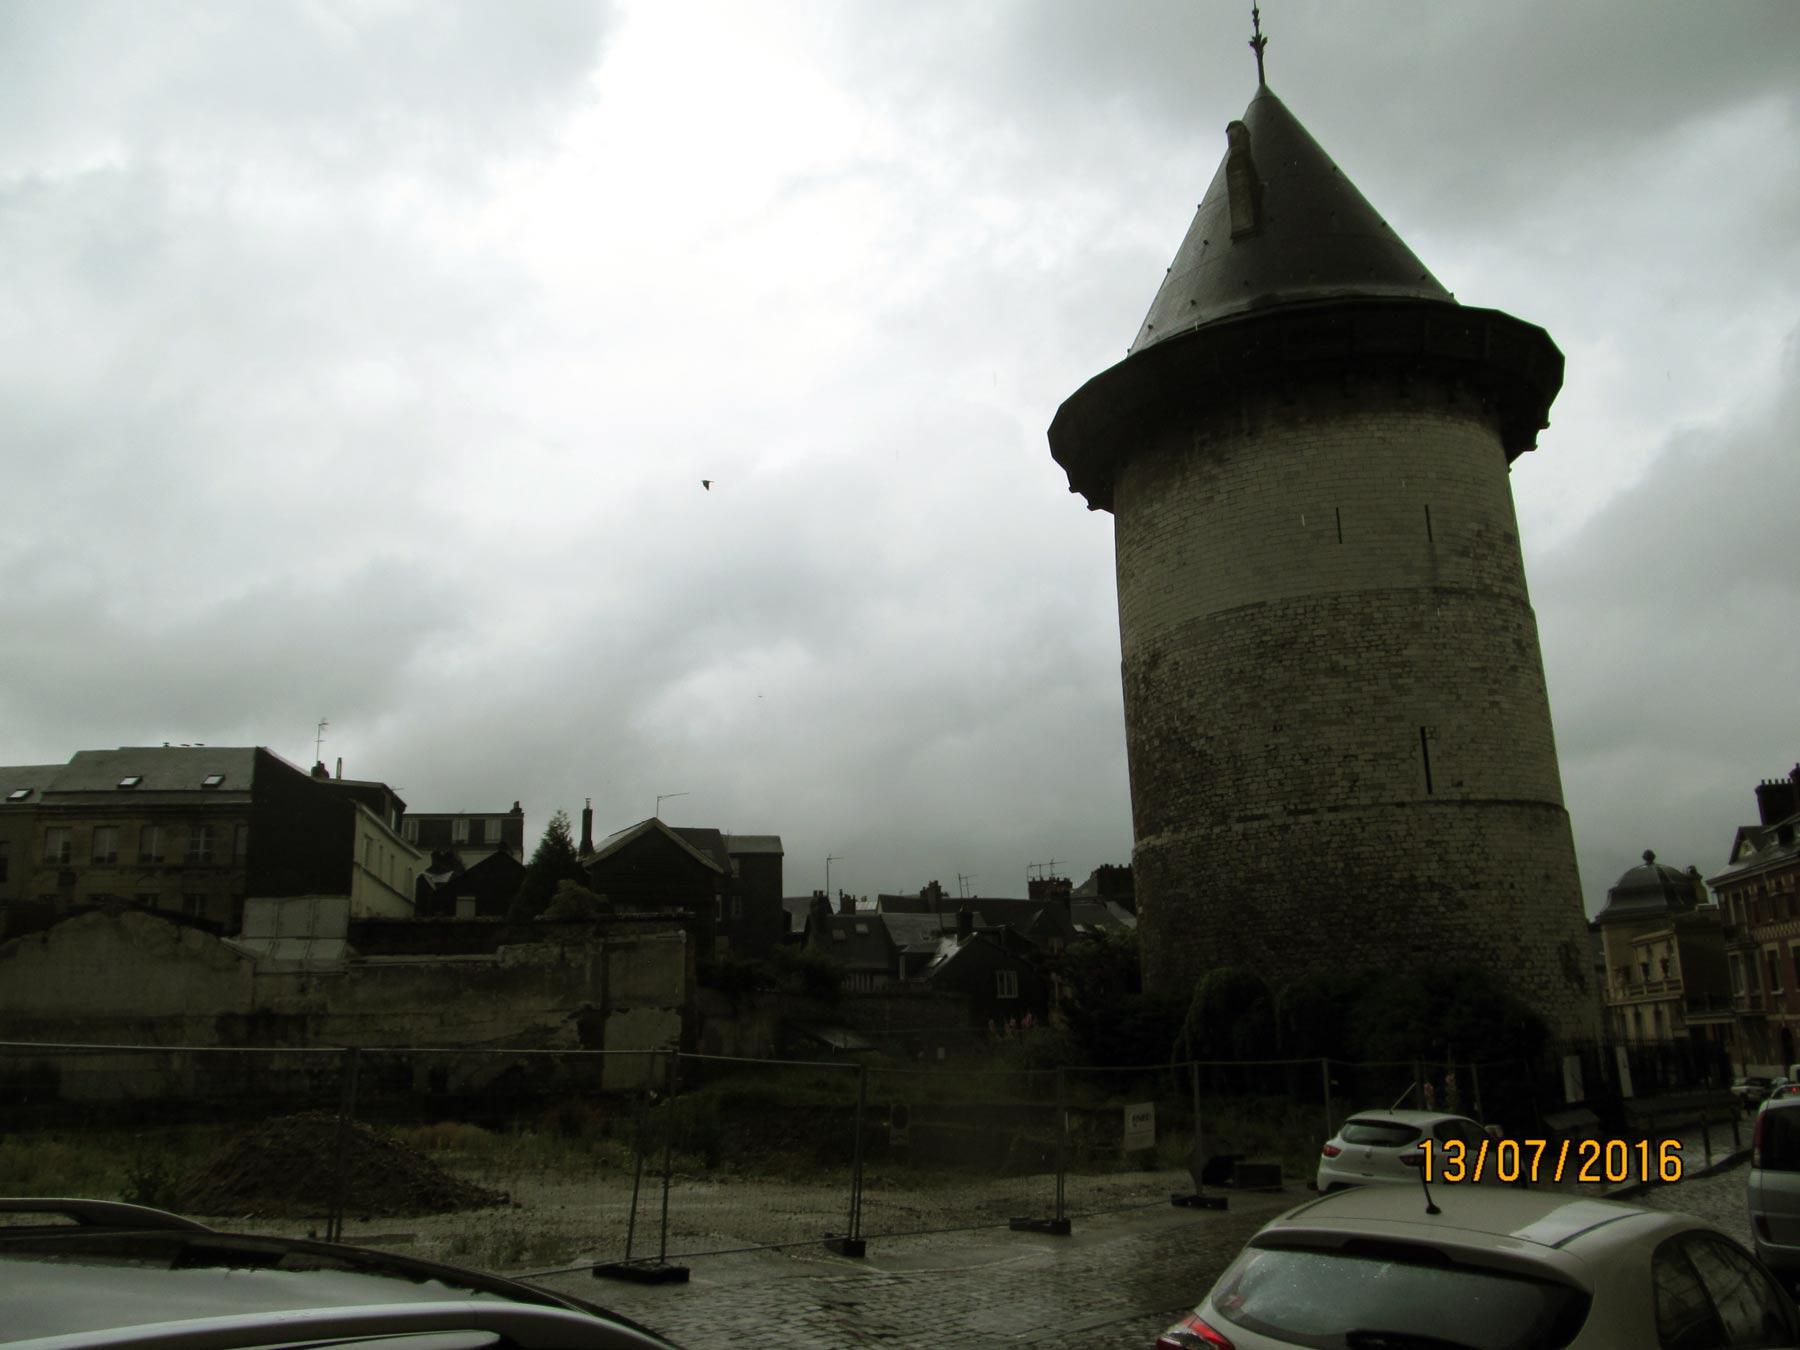 экскурсия в Нормандию. Путешествие по Руану. Башня